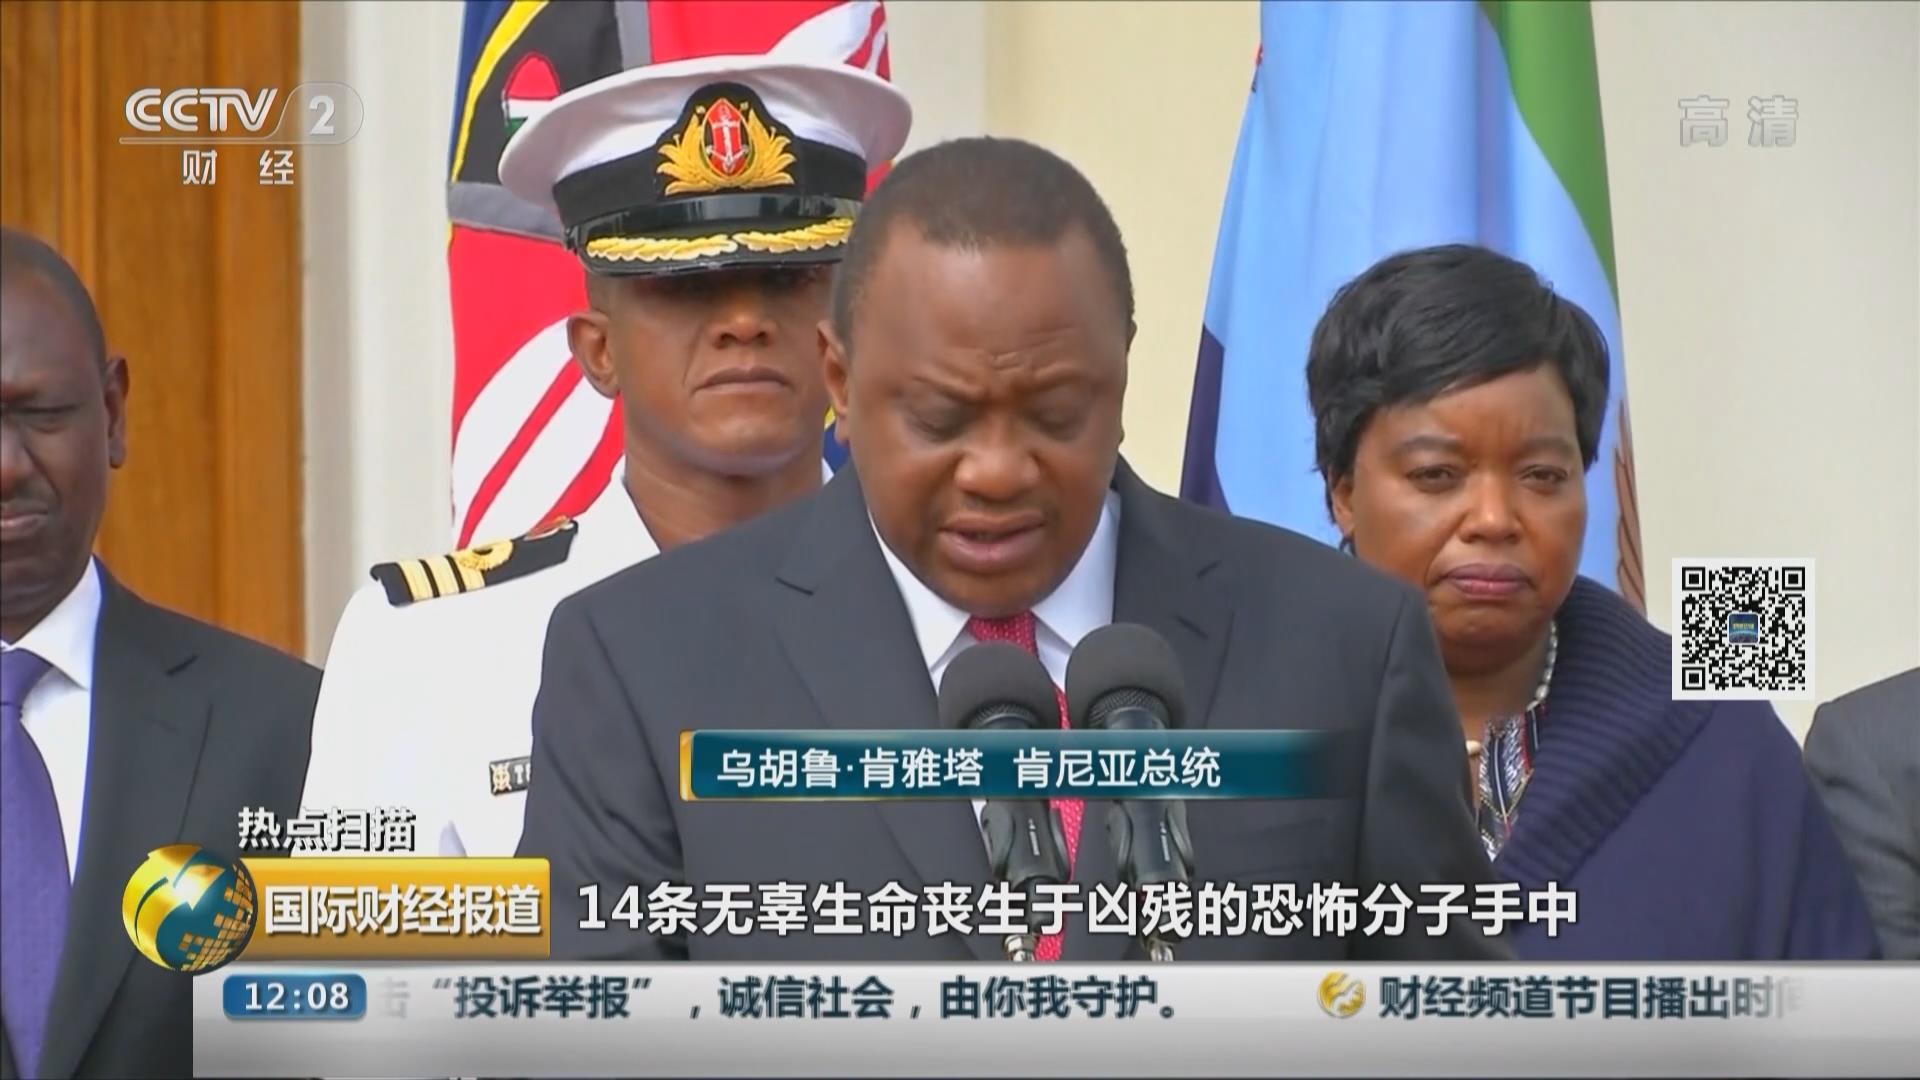 肯尼亞一酒店15日遭武裝襲擊 14名平民喪生